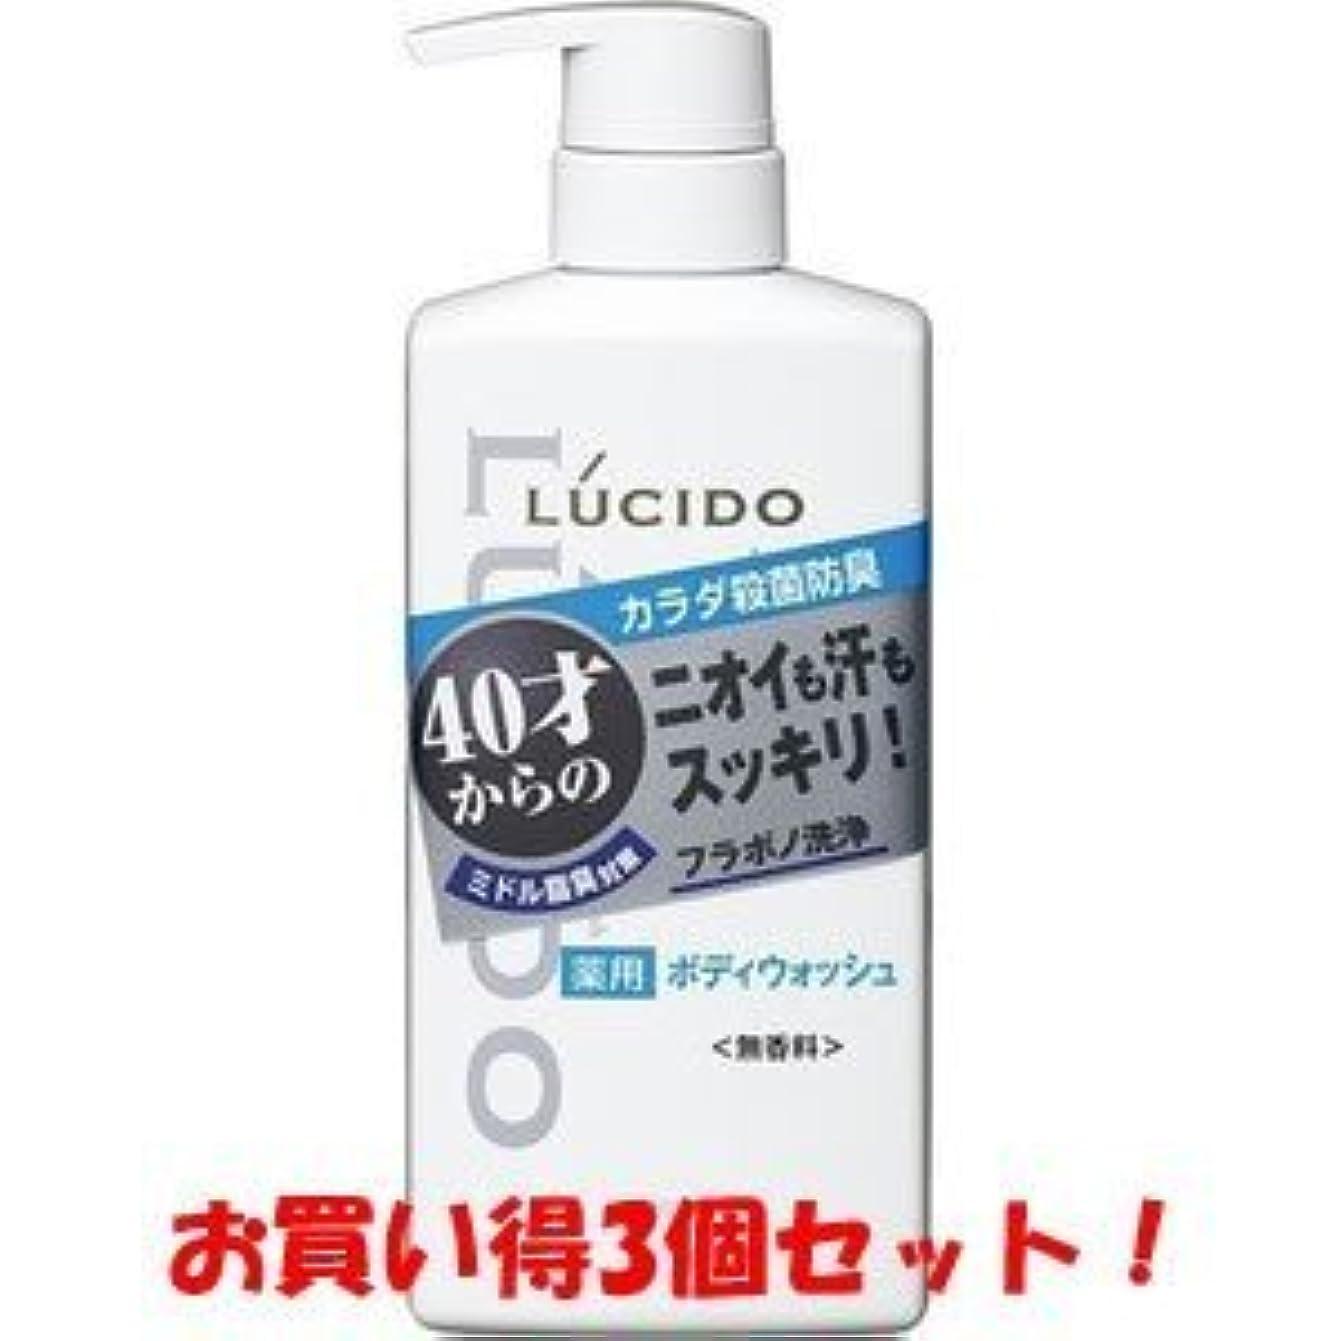 安全性回路完了【LUCIDO】ルシード 薬用デオドラントボディウォッシュ 450ml(医薬部外品)(お買い得3個セット)